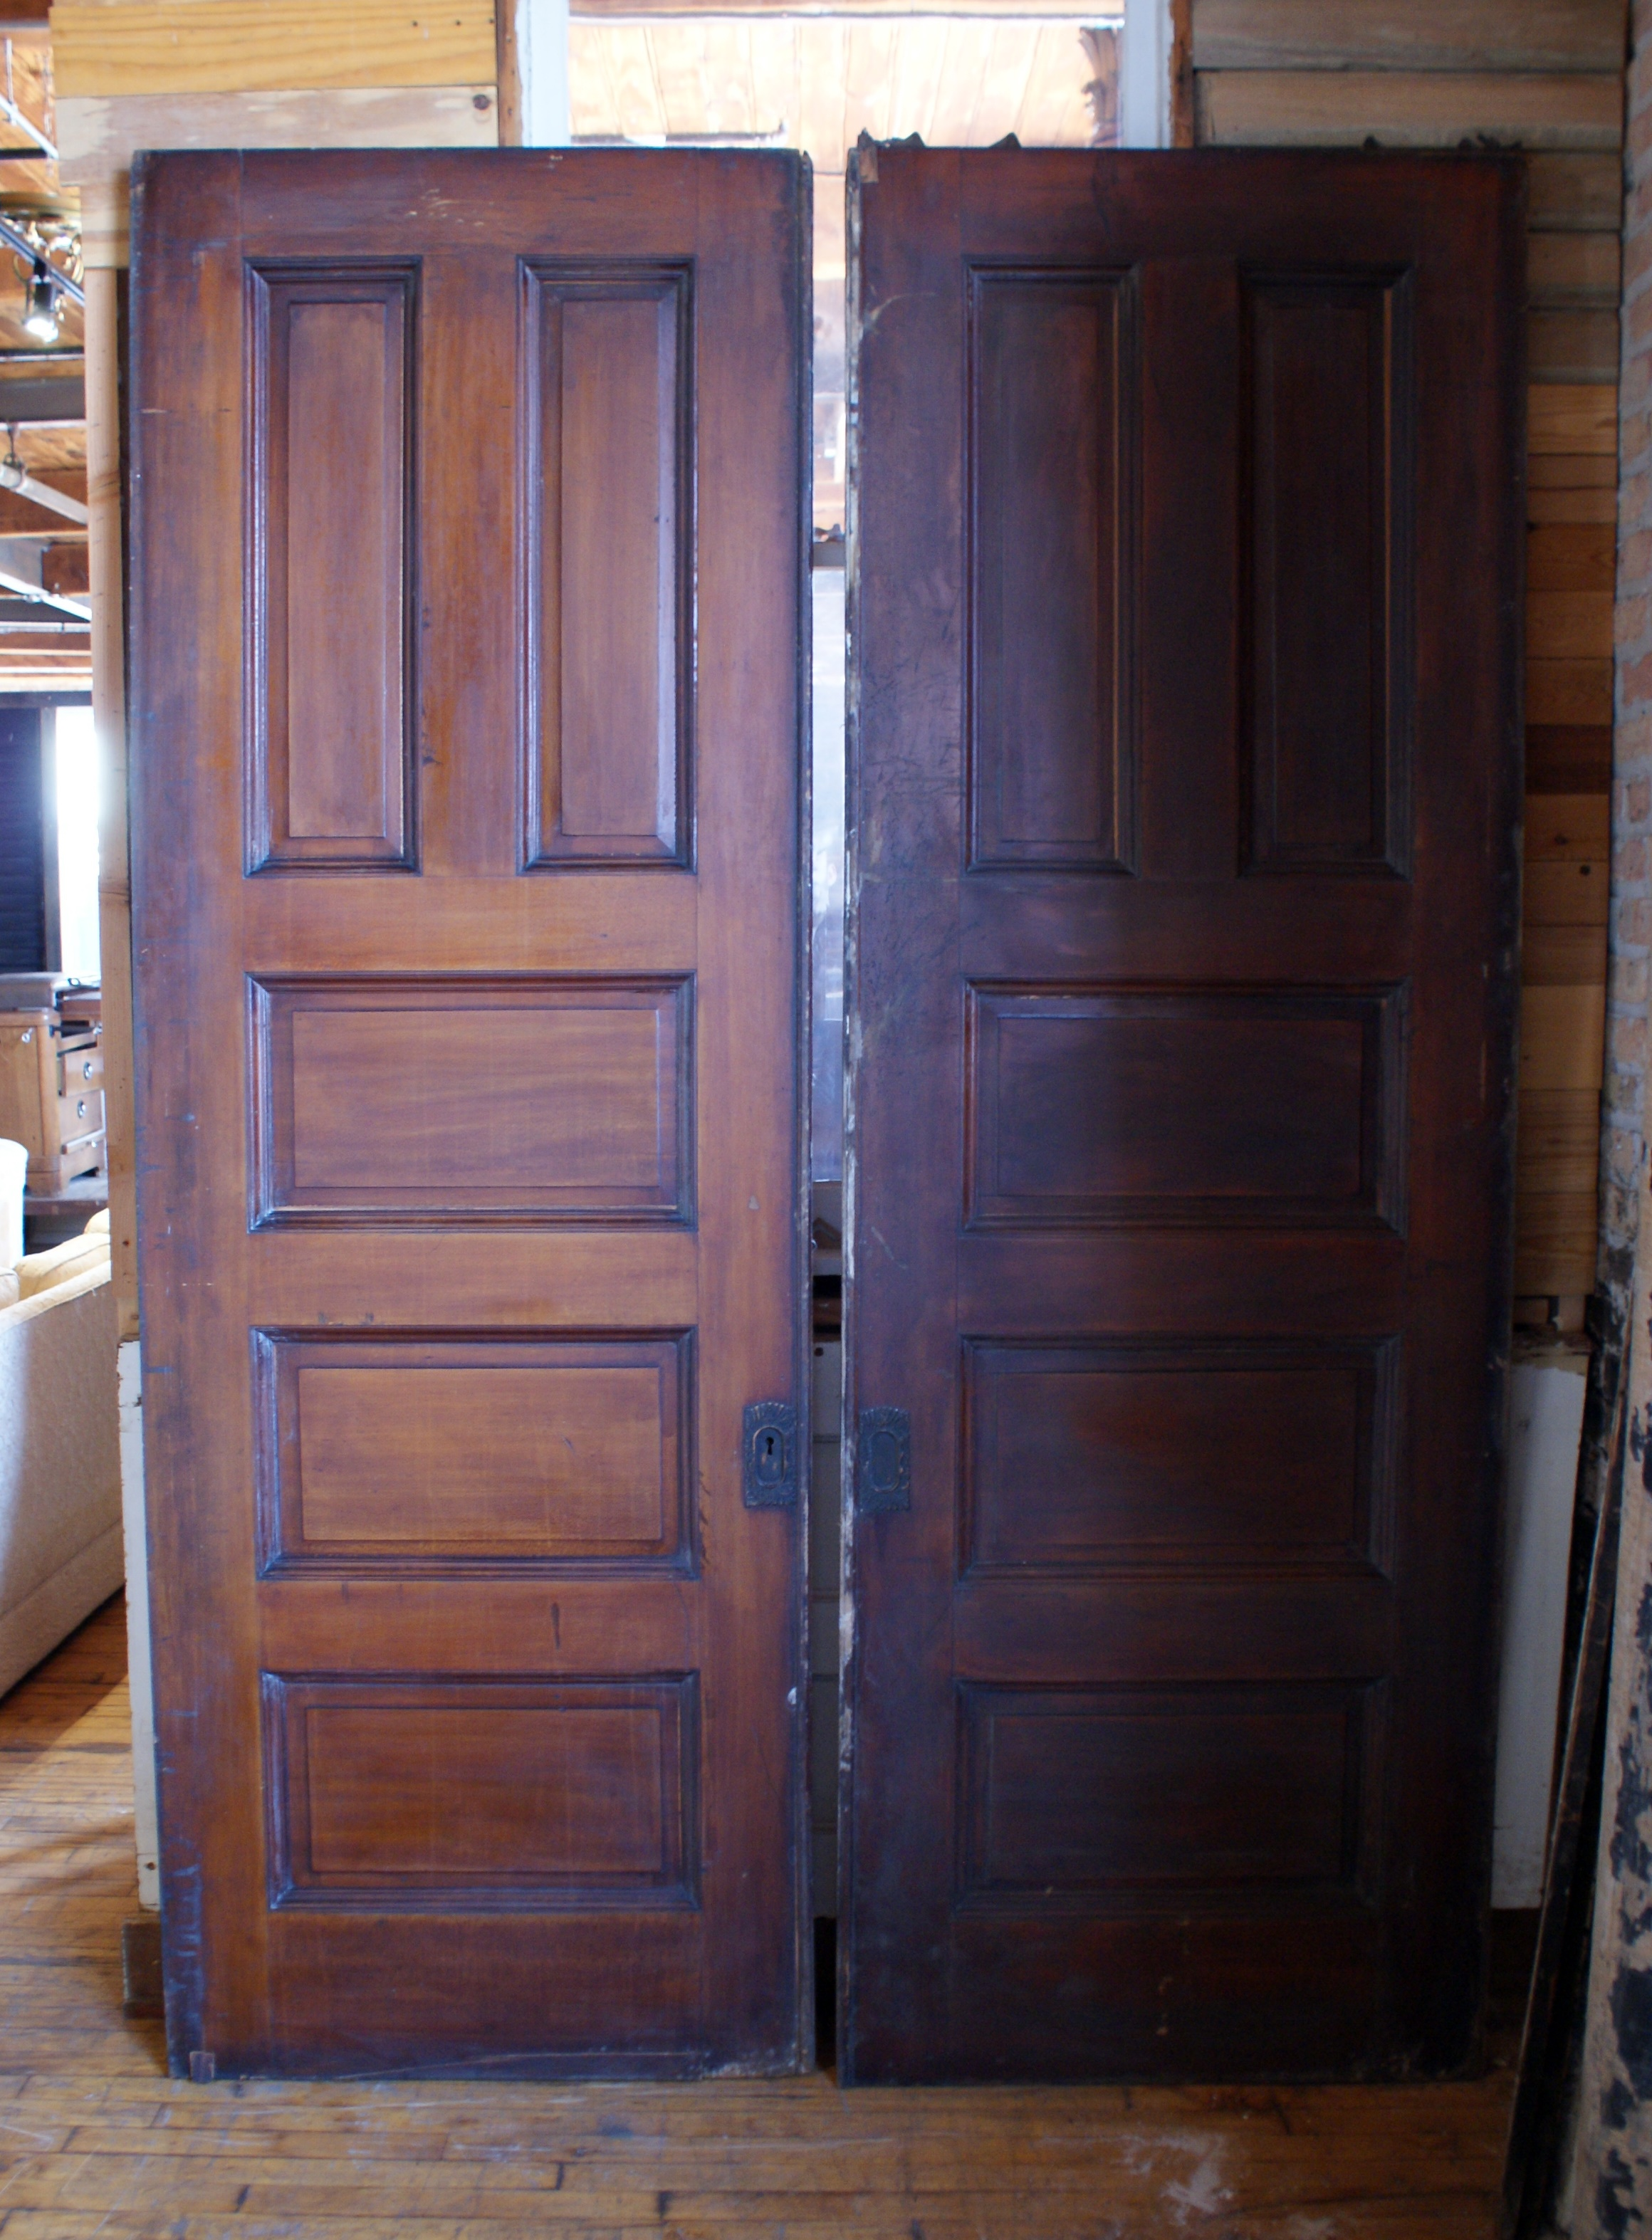 5 Panel Pocket Door Pair Salvage One